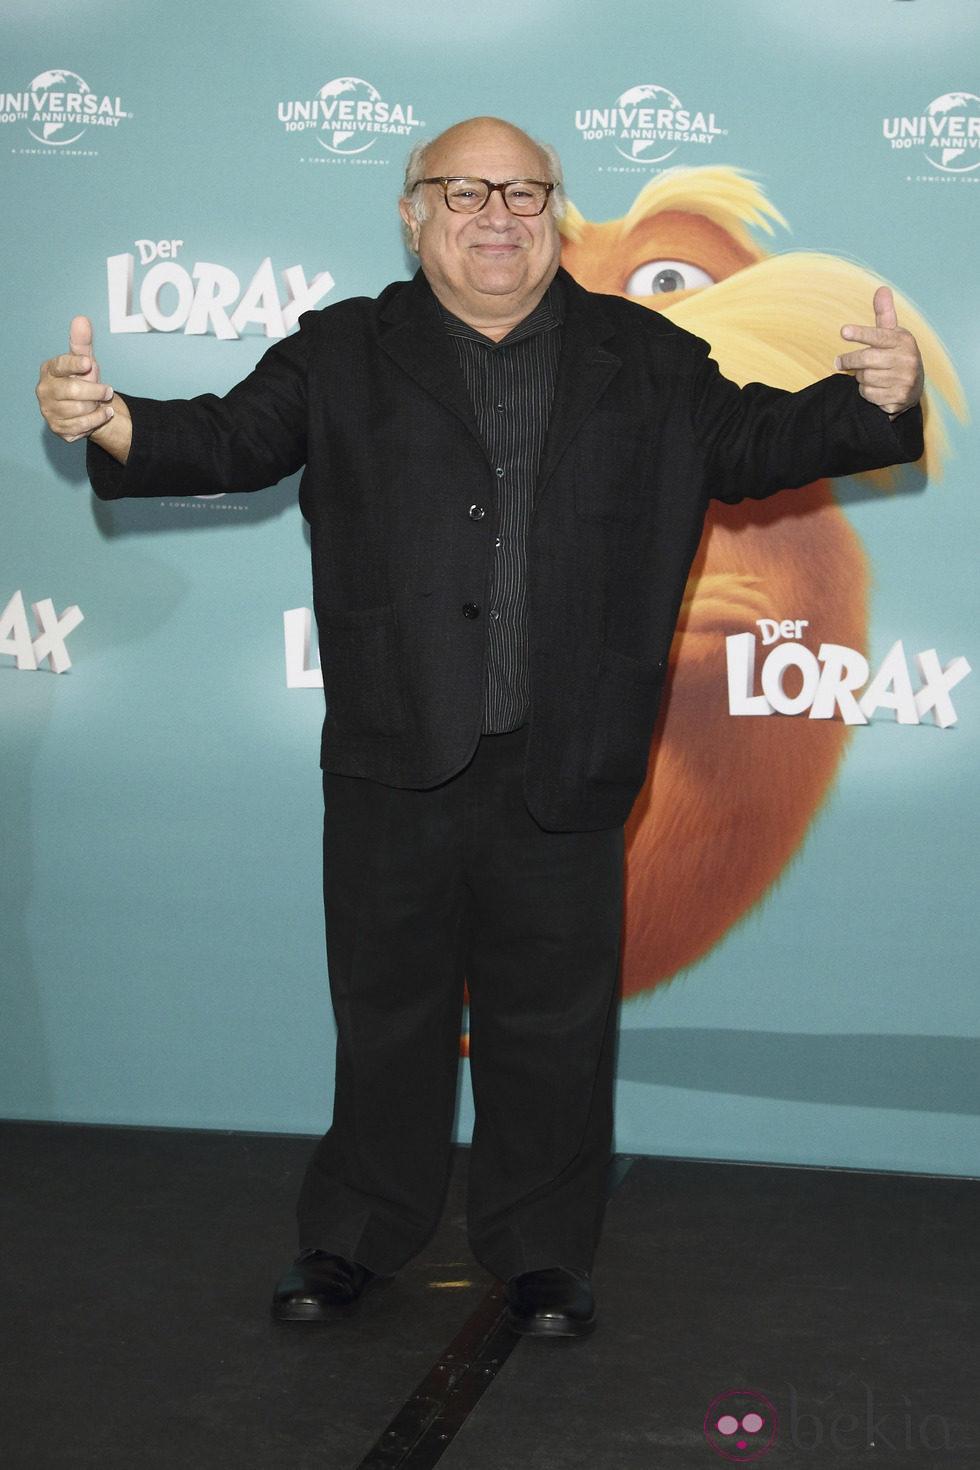 Danny Devito en la presentación de la película Lorax